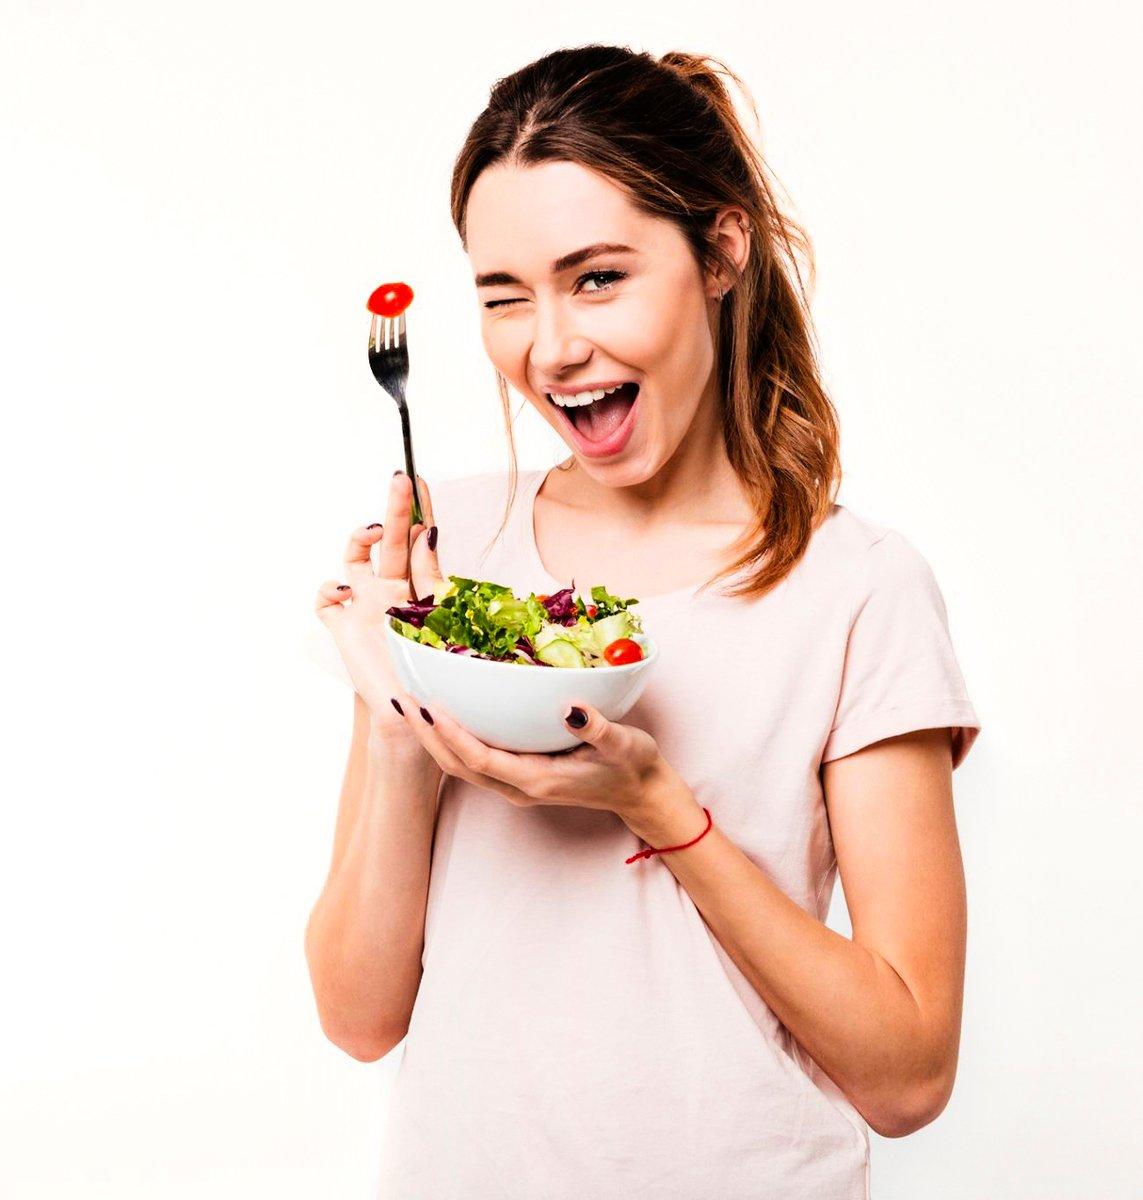 酮體能燃燒體內脂肪、活化腦細胞,攸關失智症的預防與健康長壽。整版圖片來源:Fotolia、Shutterstock